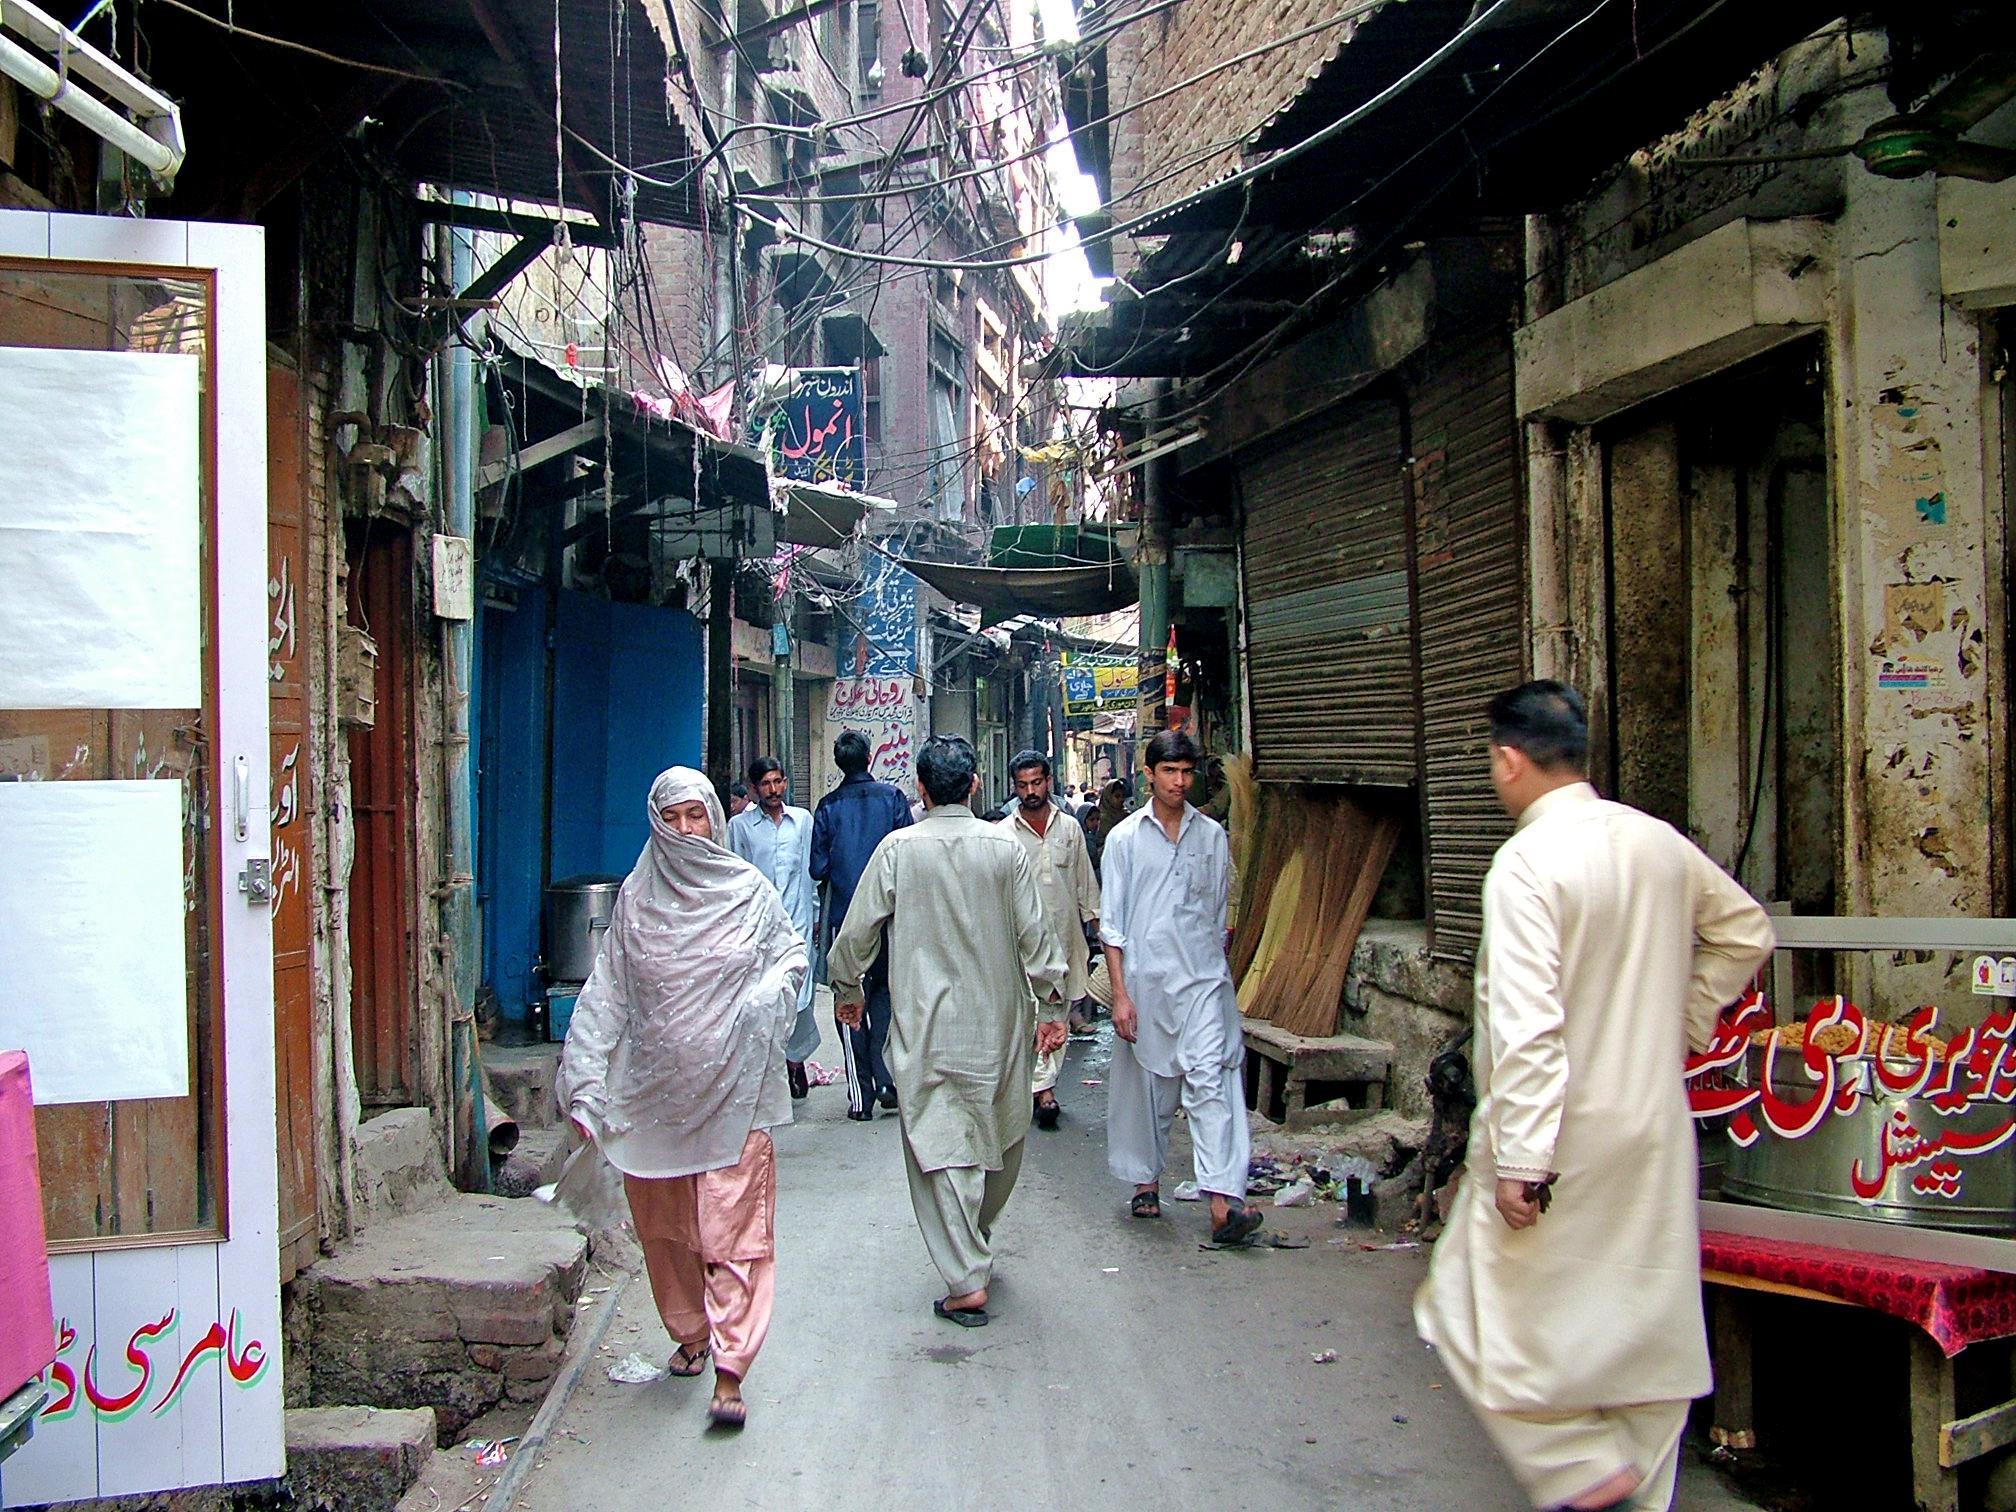 File:A street inside slum of Lahore Pakistan jpg - Wikimedia